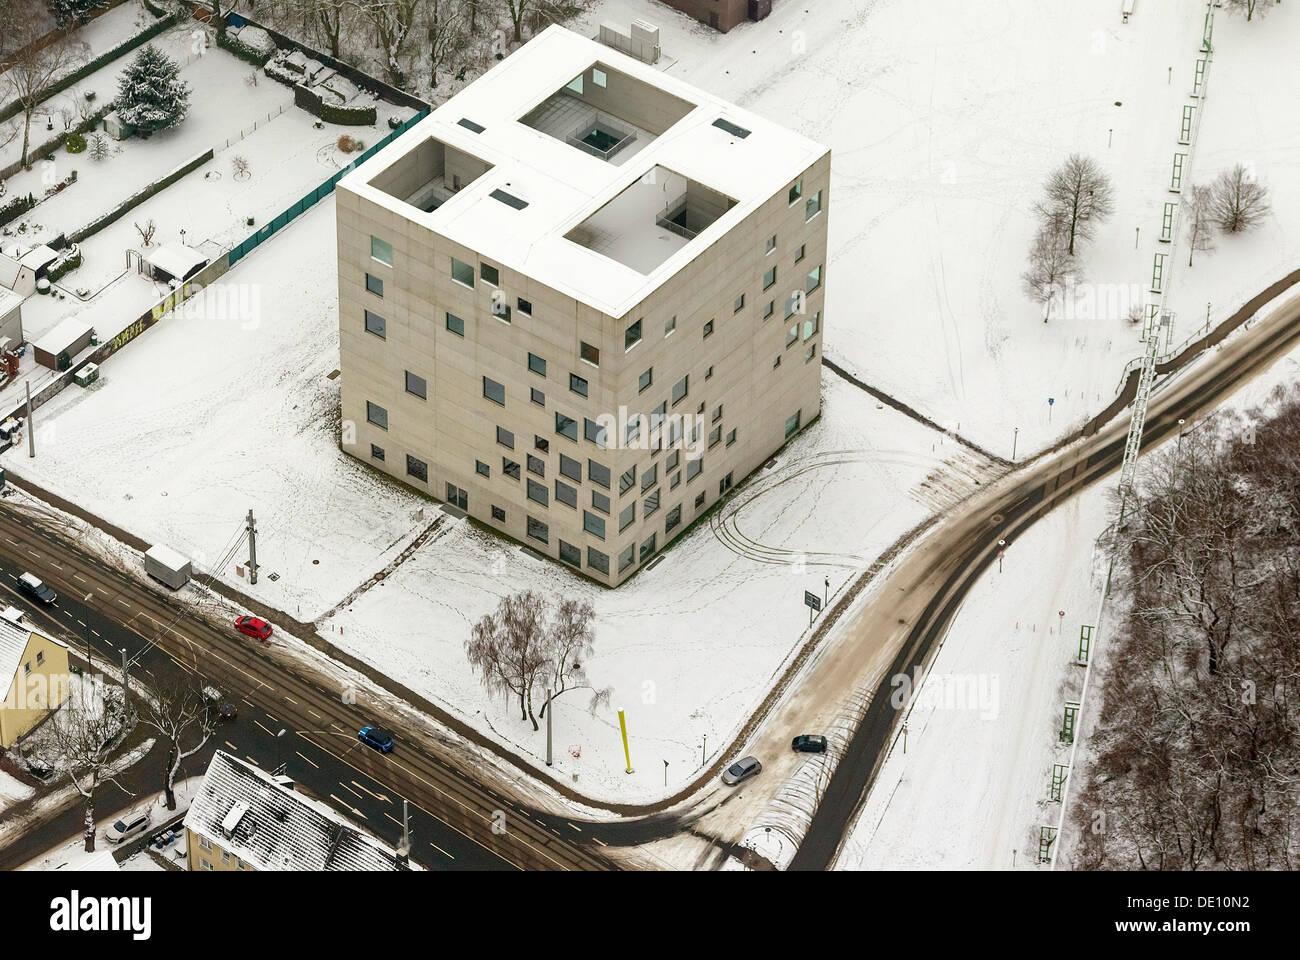 Zollverein Cube or SANAA Building, university building on the site of the Zeche Zollverein Coal Mine Industrial Complex, UNESCO - Stock Image